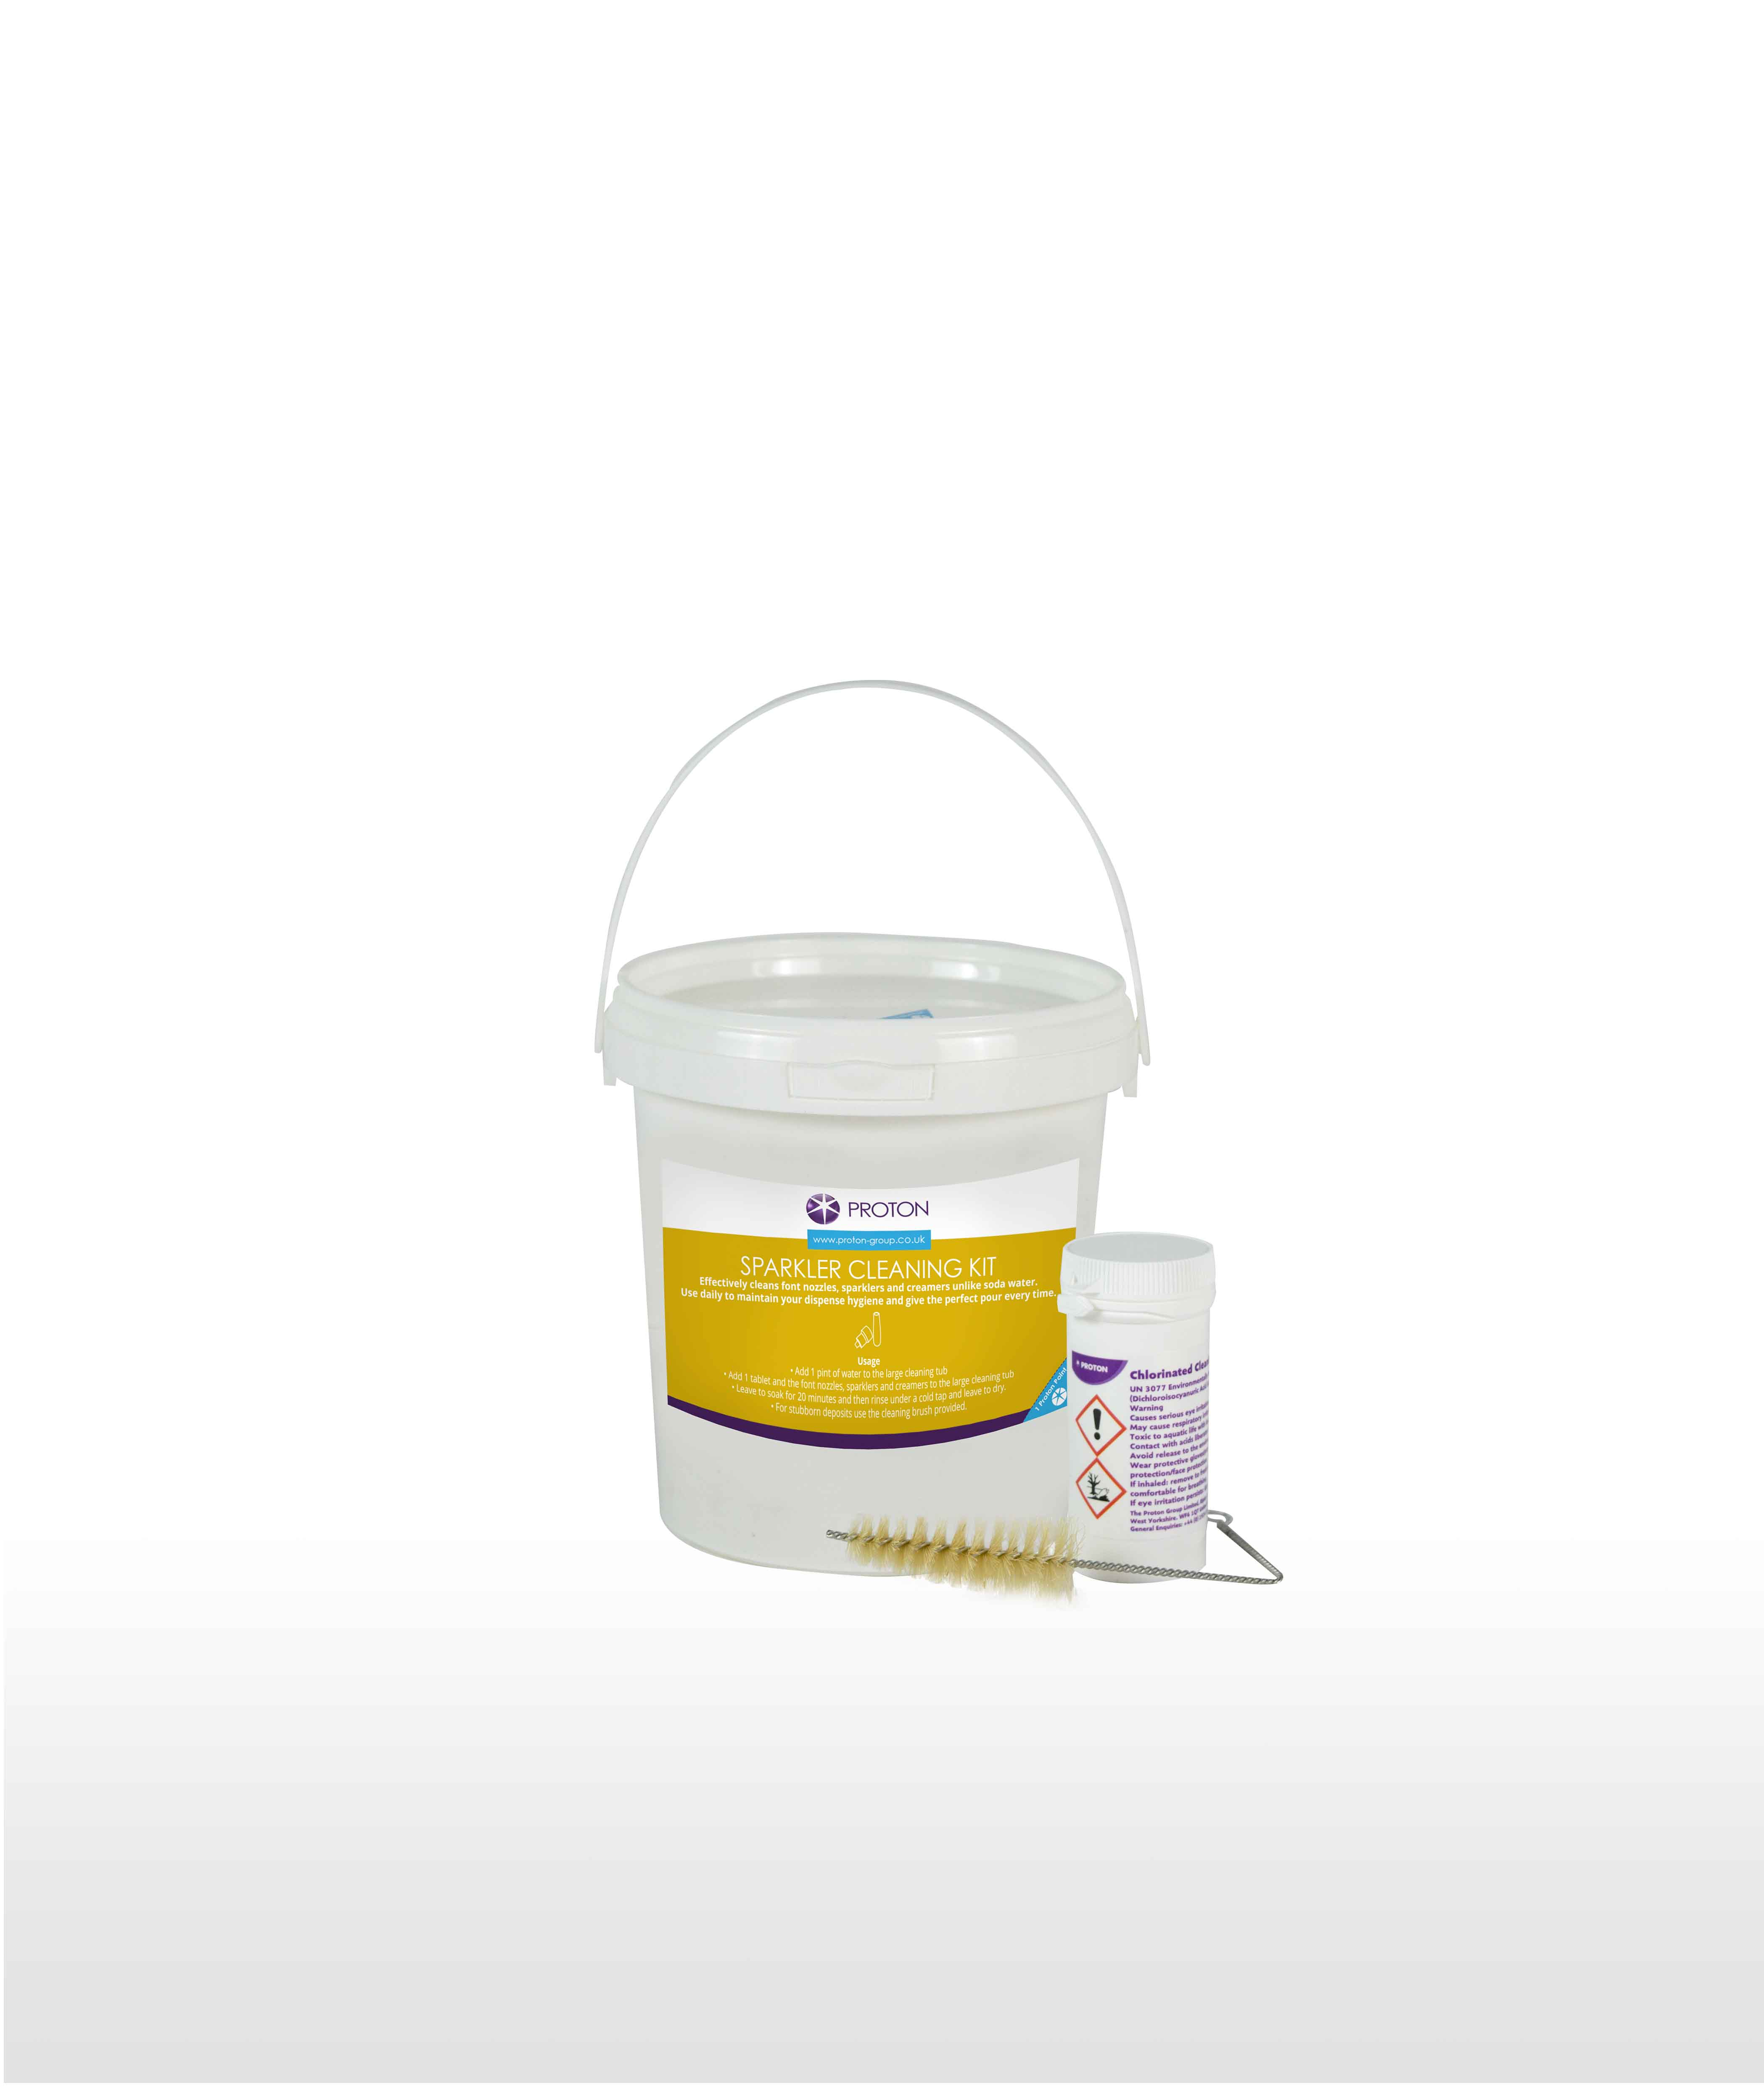 Sparkler Cleaning Kit